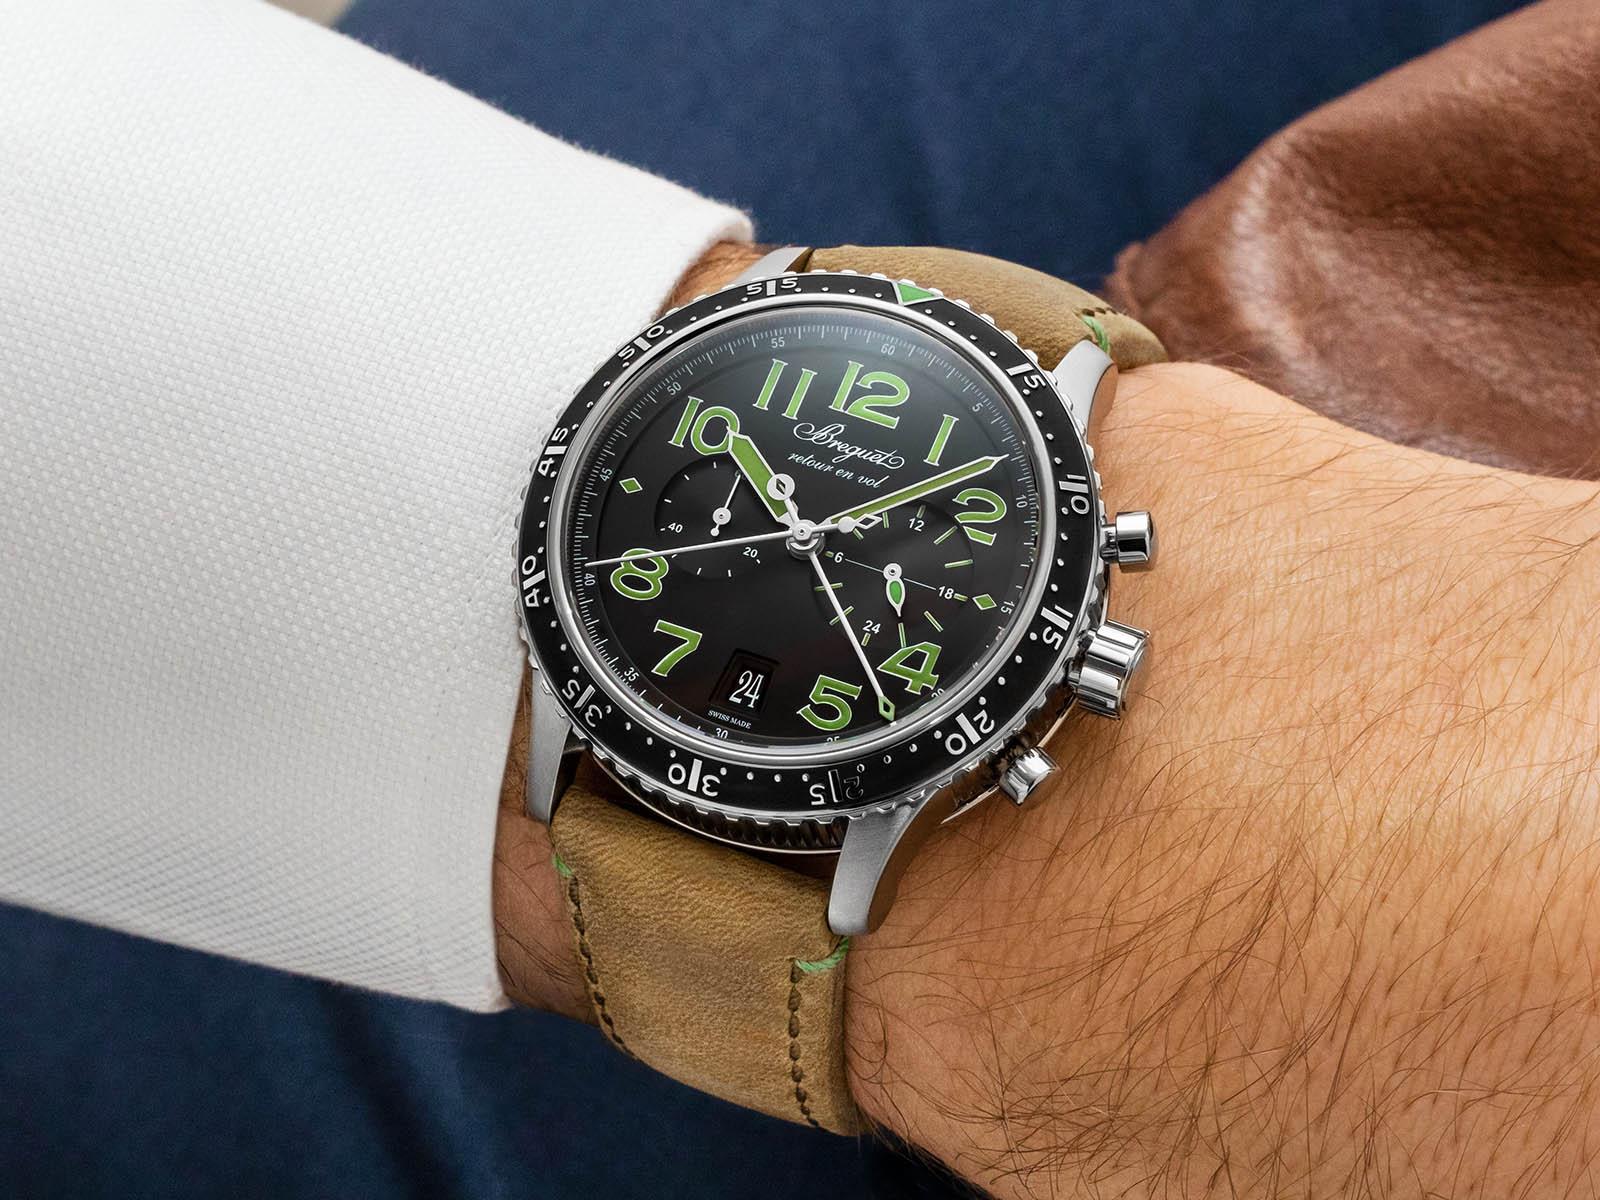 breguet-type-xxi-3815-6.jpg